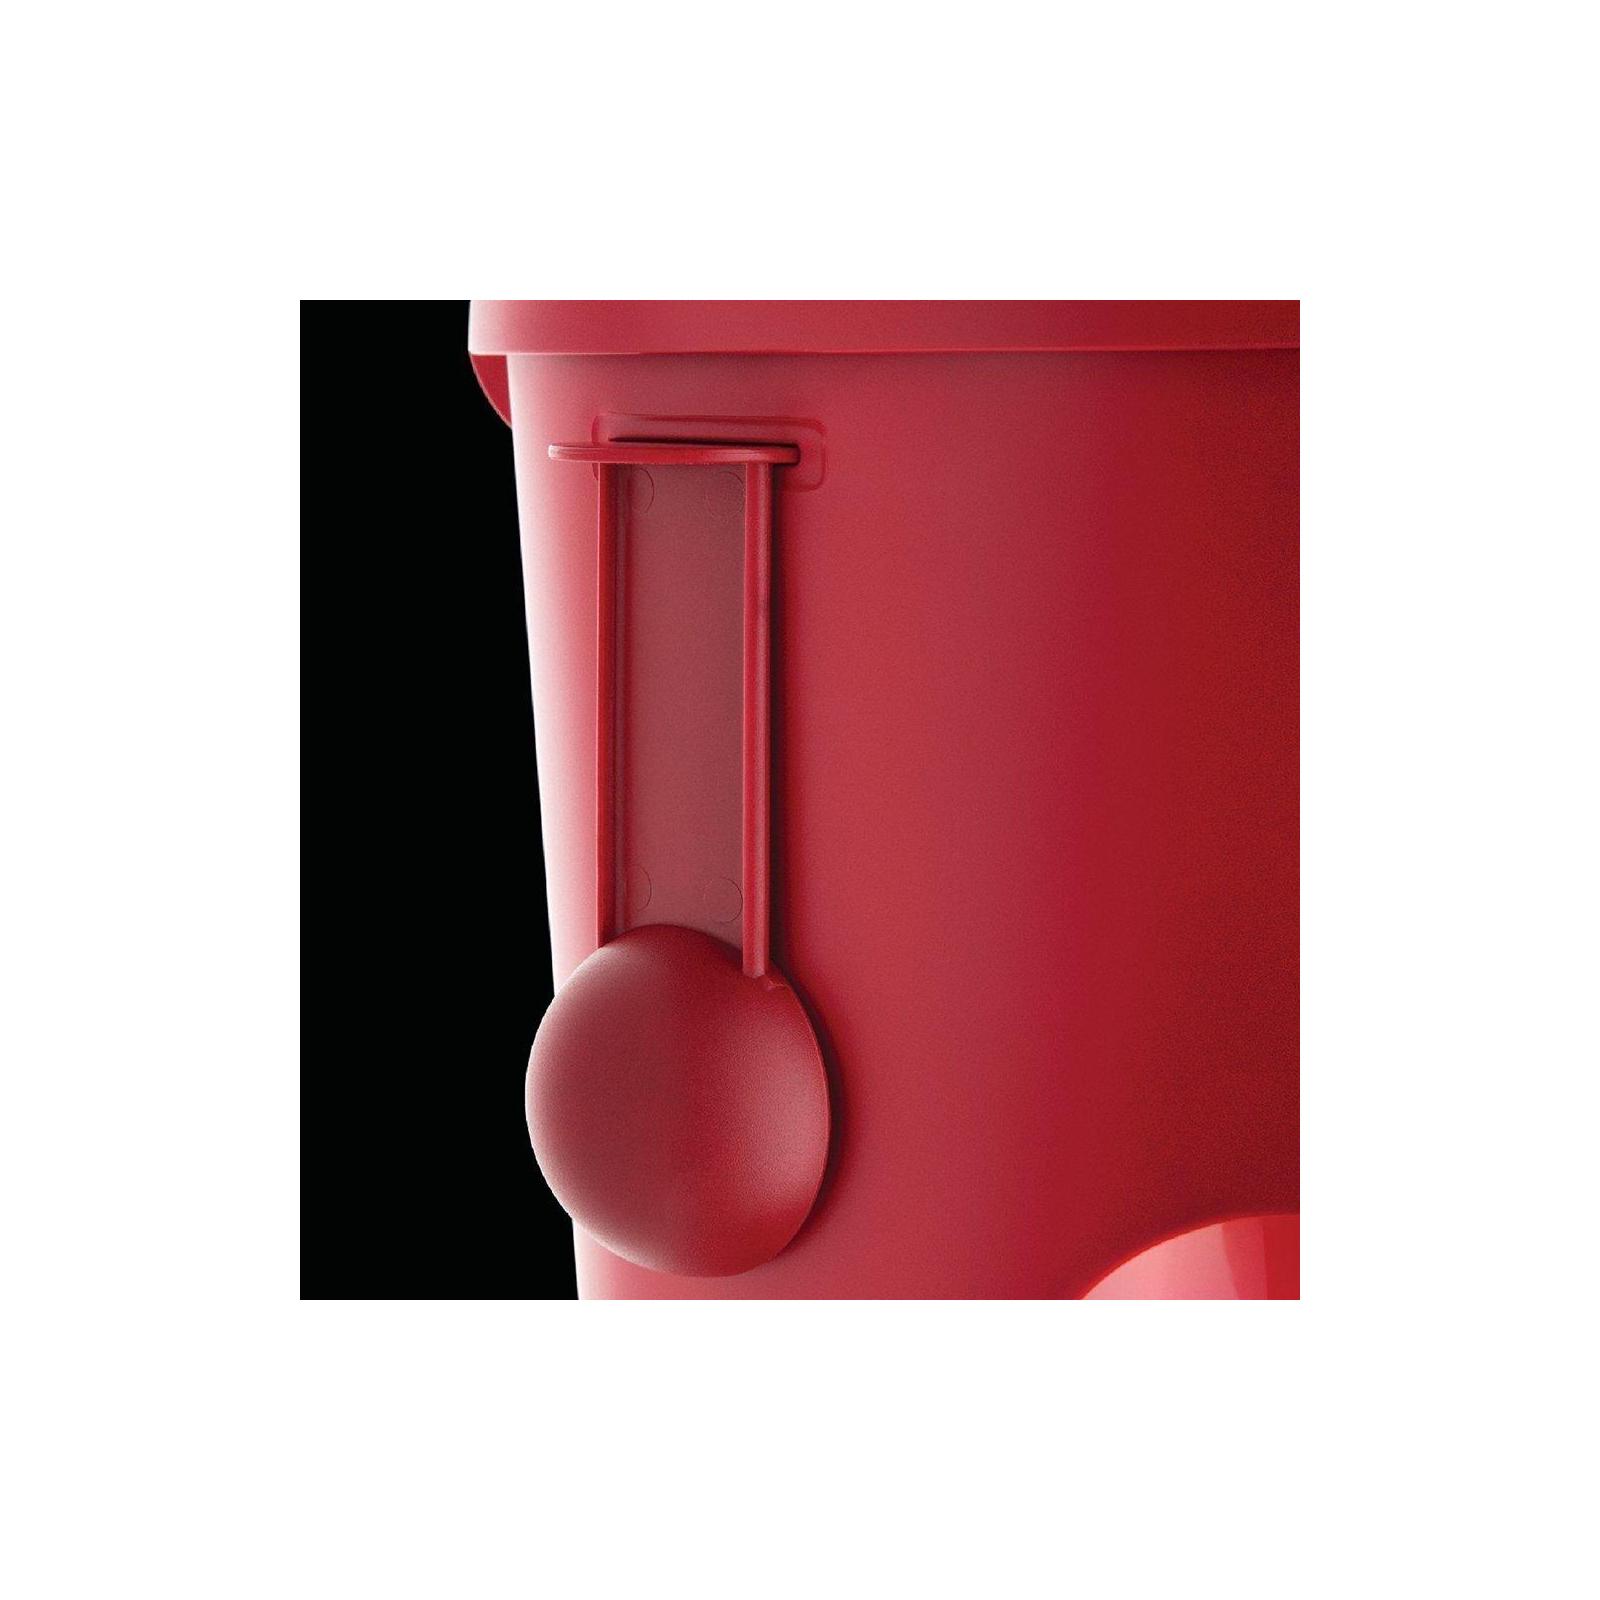 Кофеварка Russell Hobbs Textures Red (22611-56) изображение 5